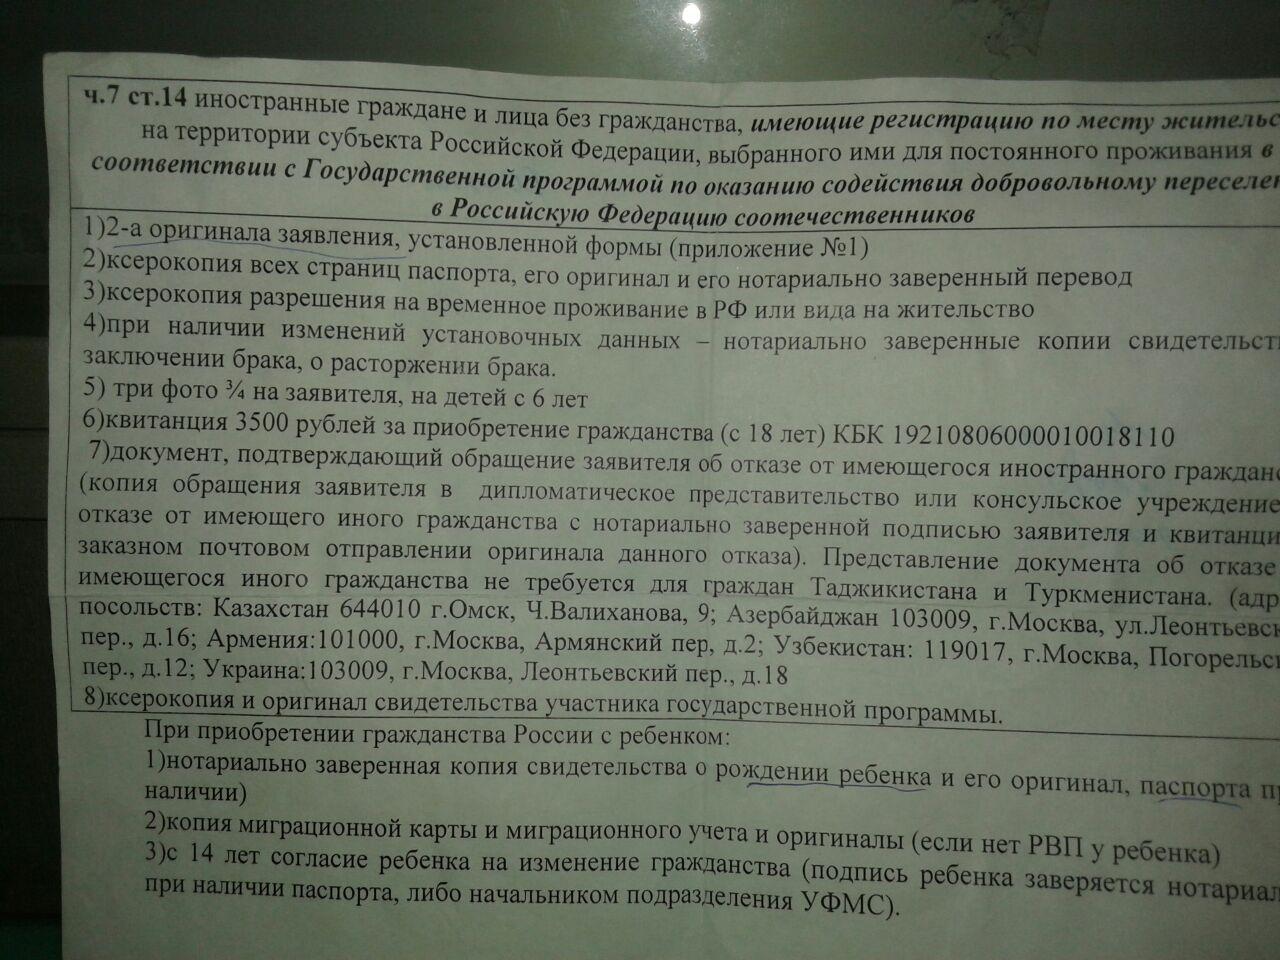 Как получить рвп (разрешение на временное проживание) для иностранных граждан